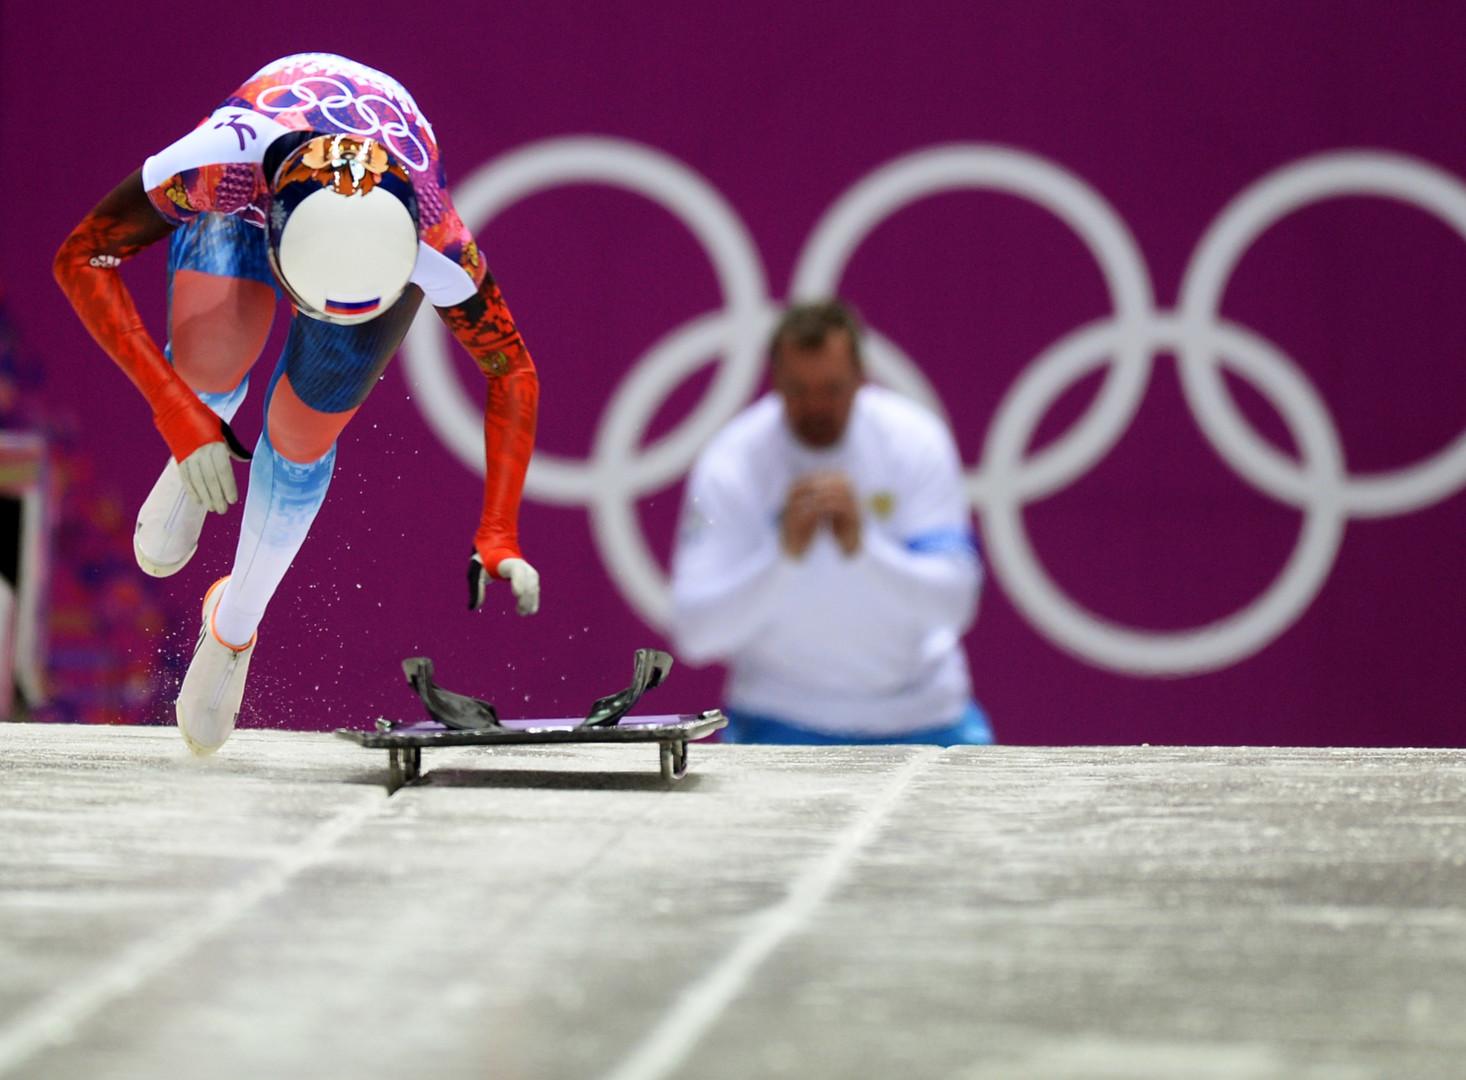 Шантаж сработал: чемпионат мира по бобслею и скелетону перенесён из России